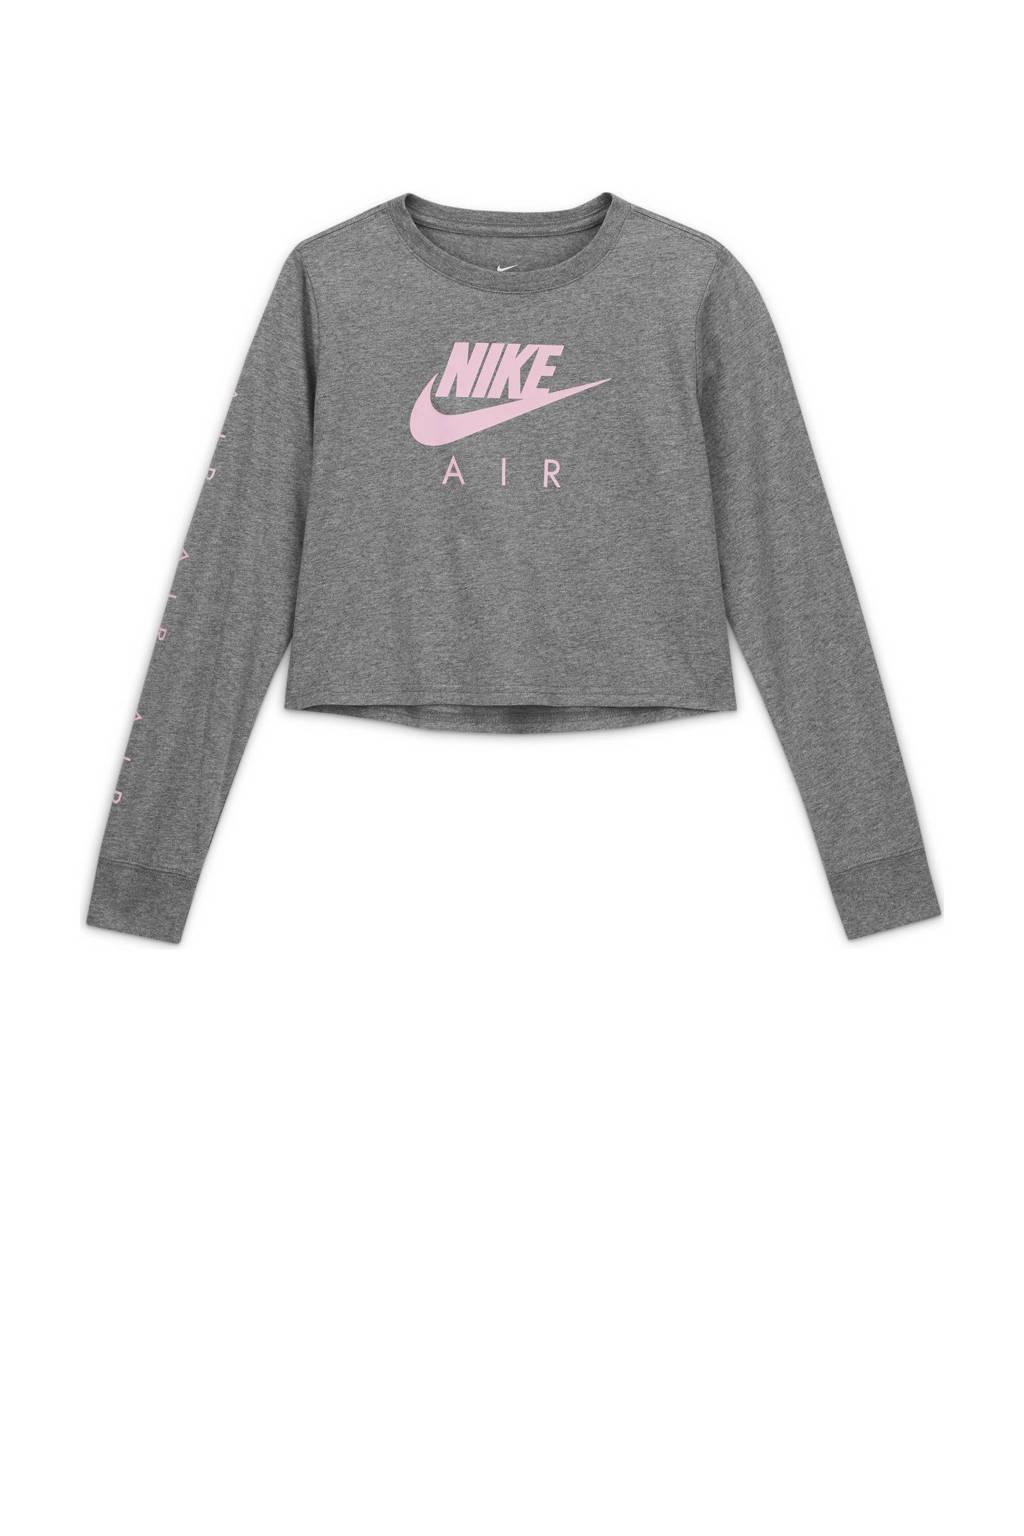 Nike cropped longsleeve grijs/roze, Grijs/roze